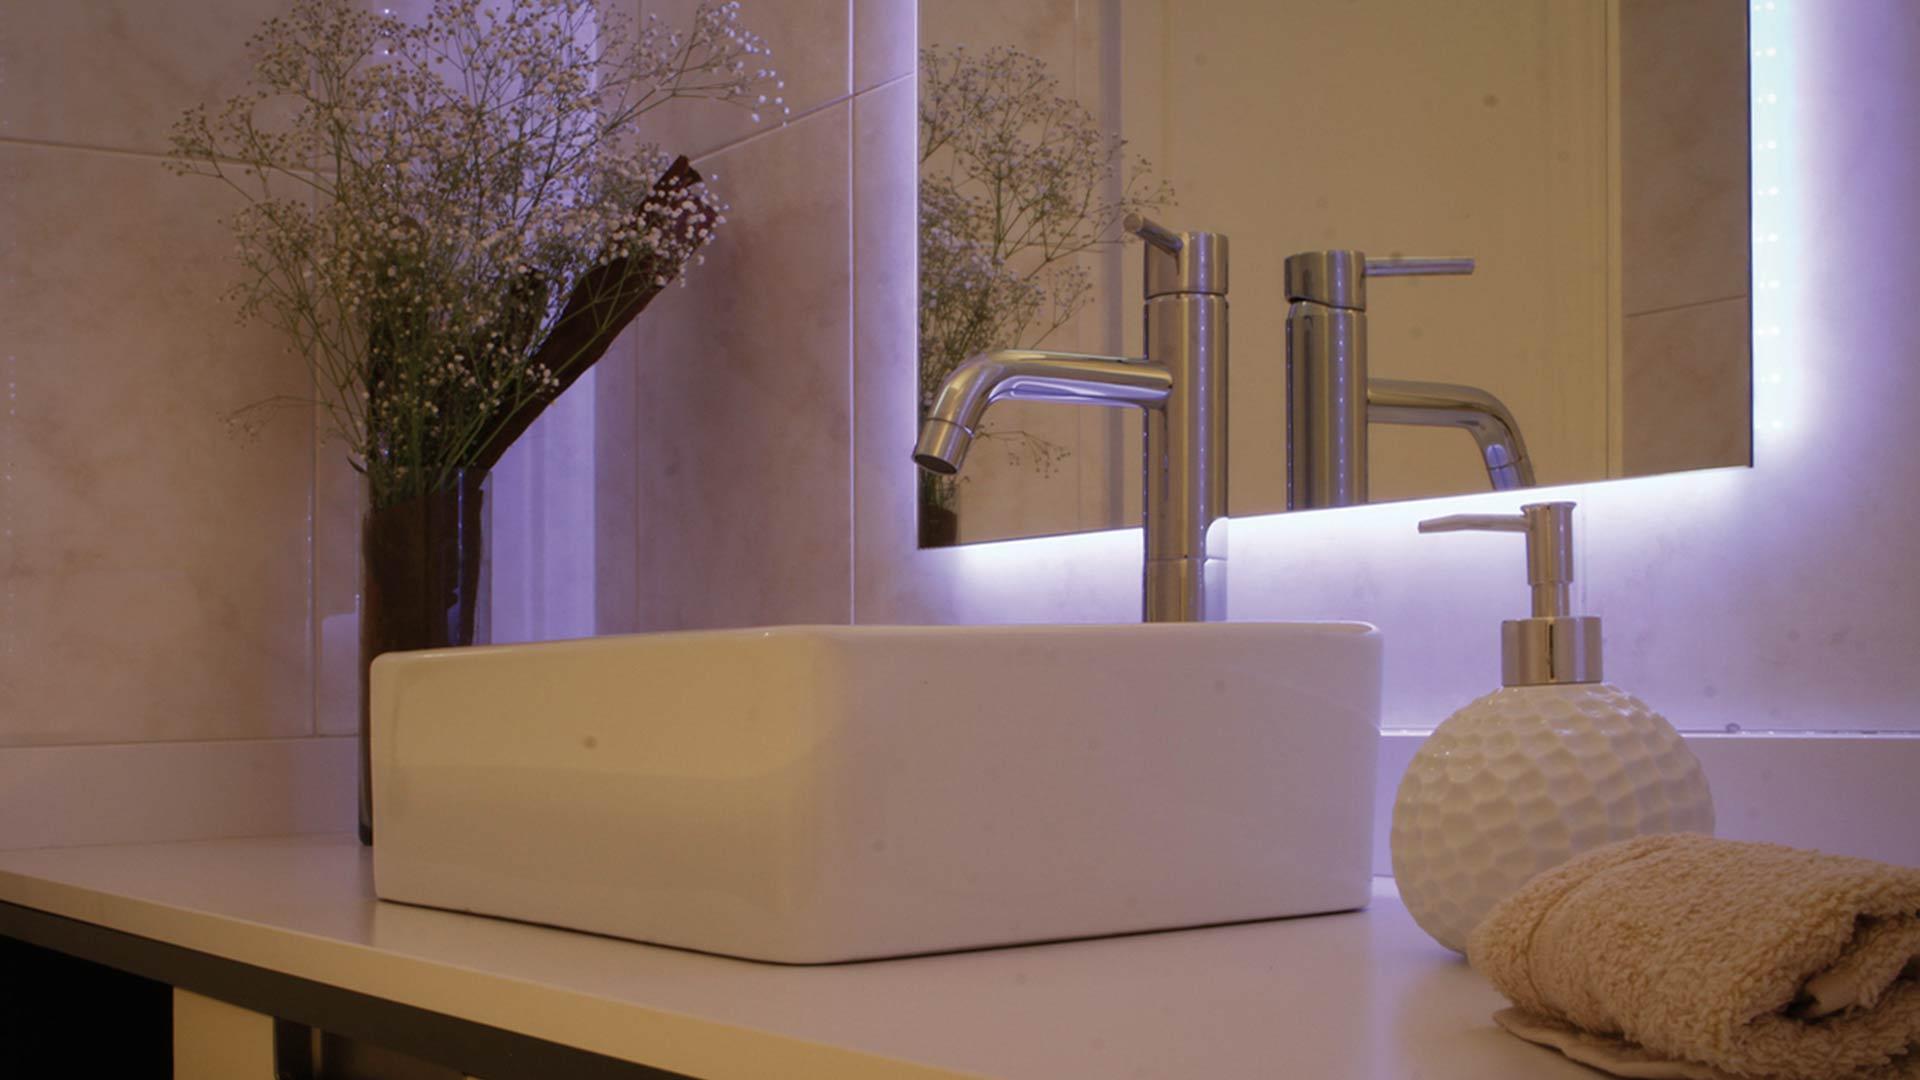 Baño en Tienda Kitchen in Espinho